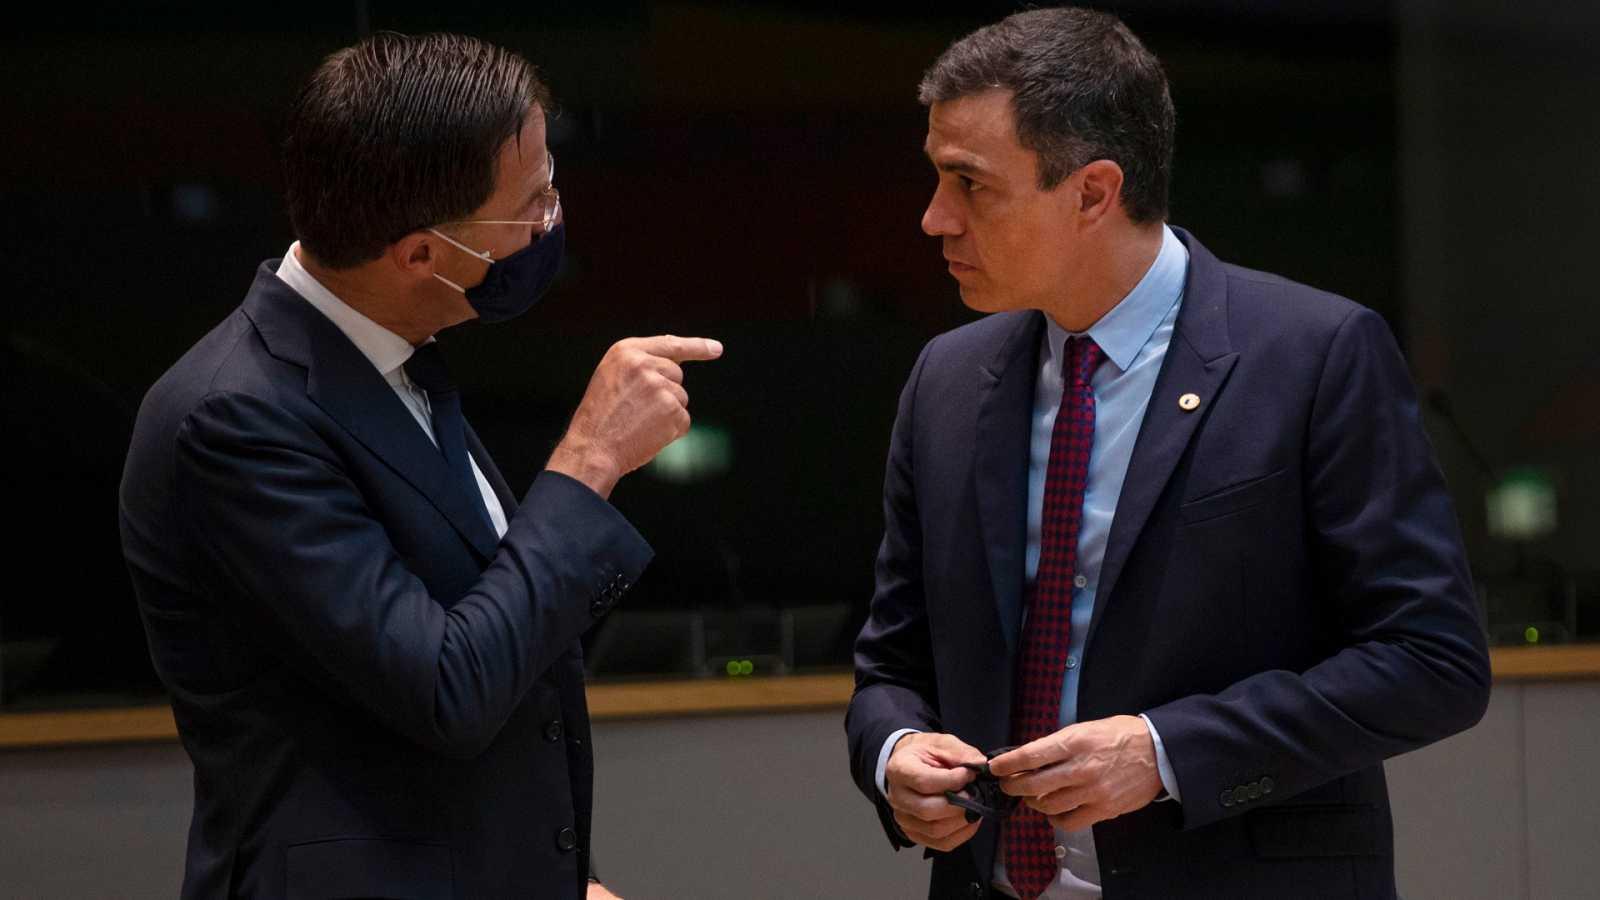 Los líderes europeos prorrogan las negociaciones un día más, incapaces de llegar a un acuerdo